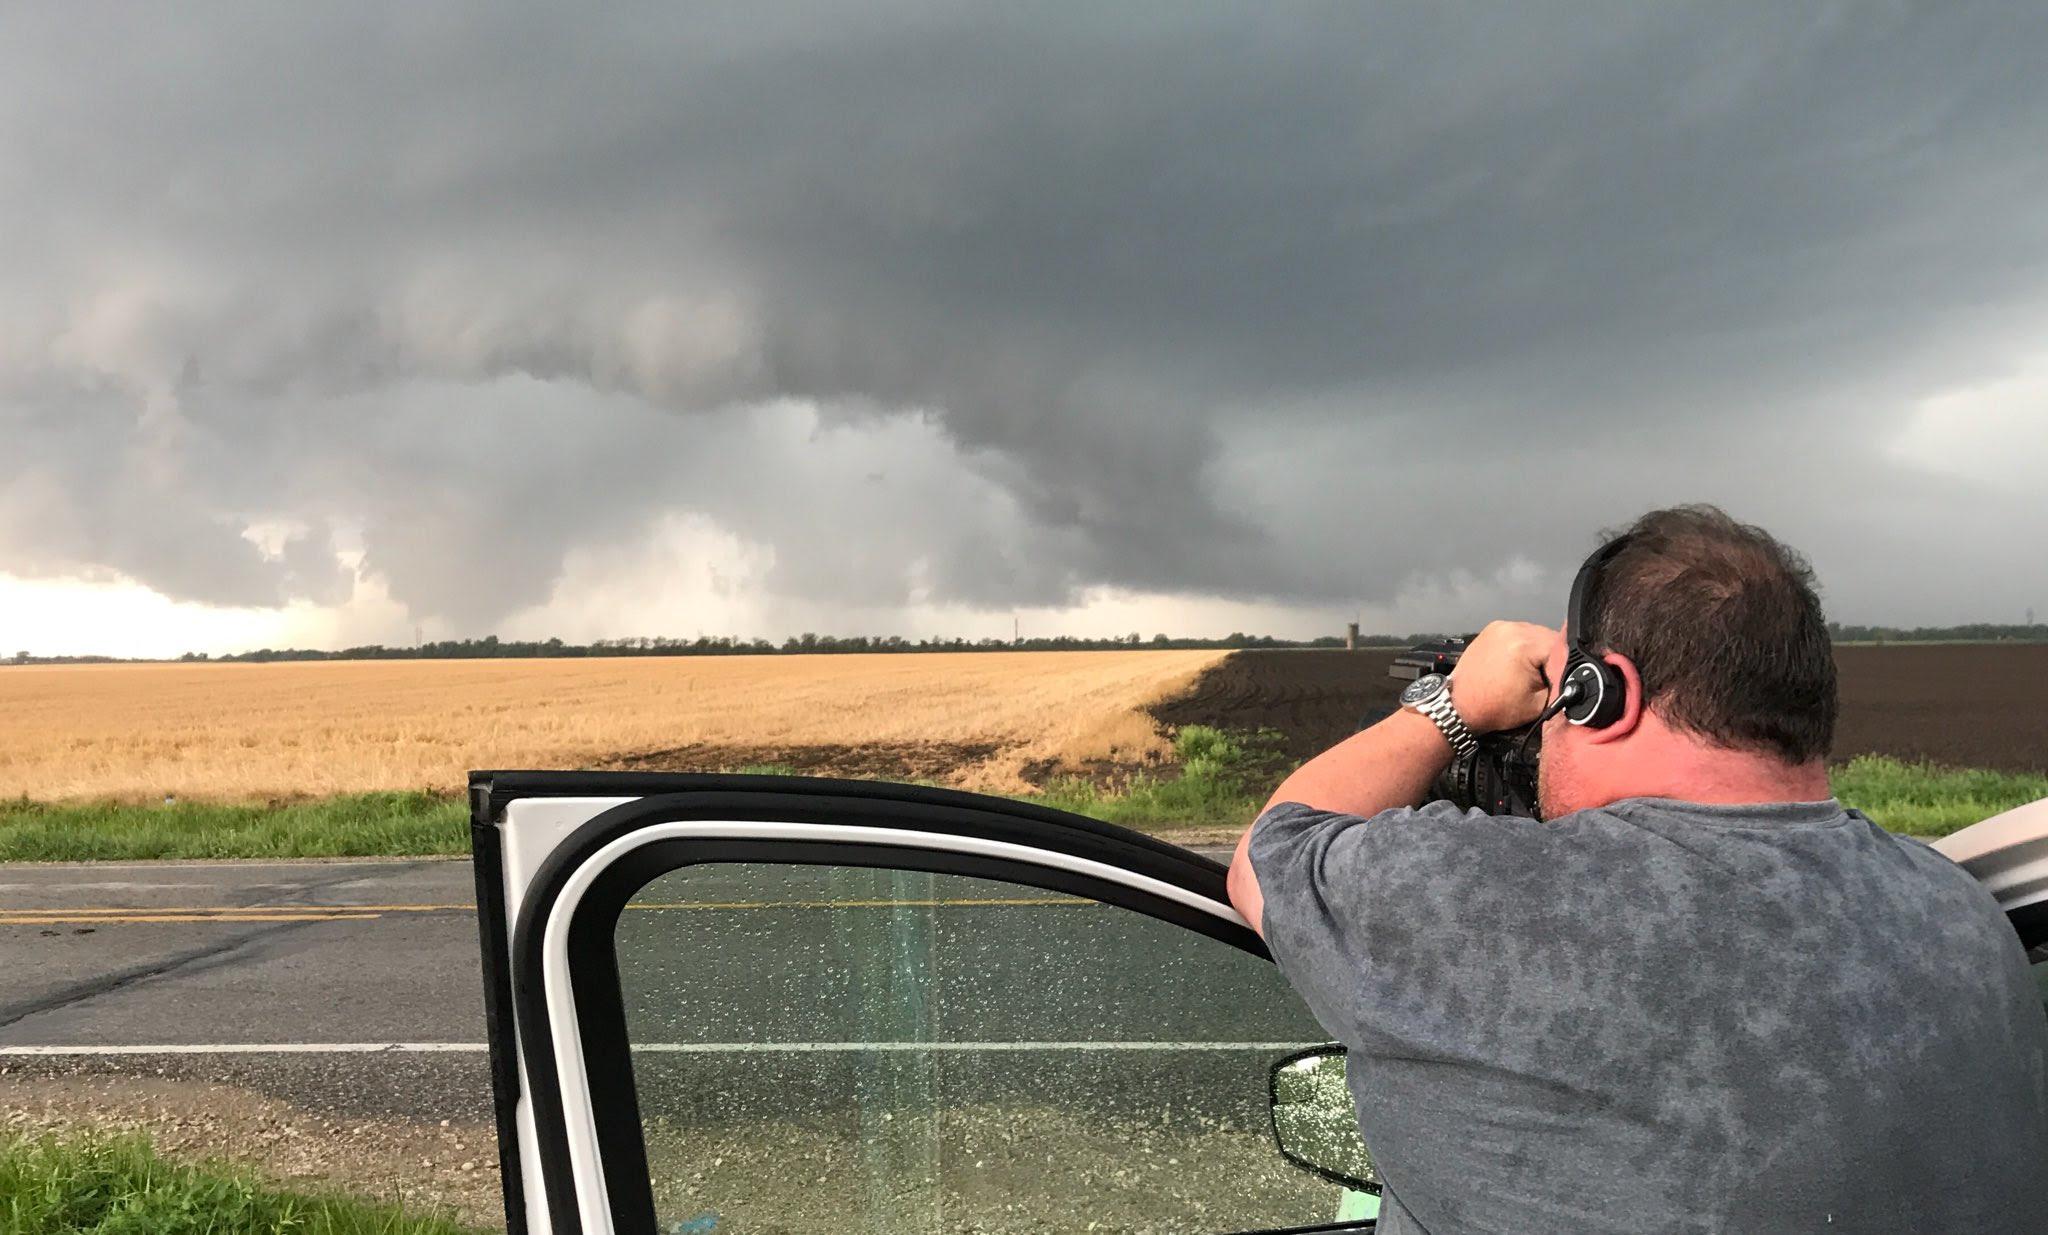 Todd Rector filming a tornado near Salem Iowa